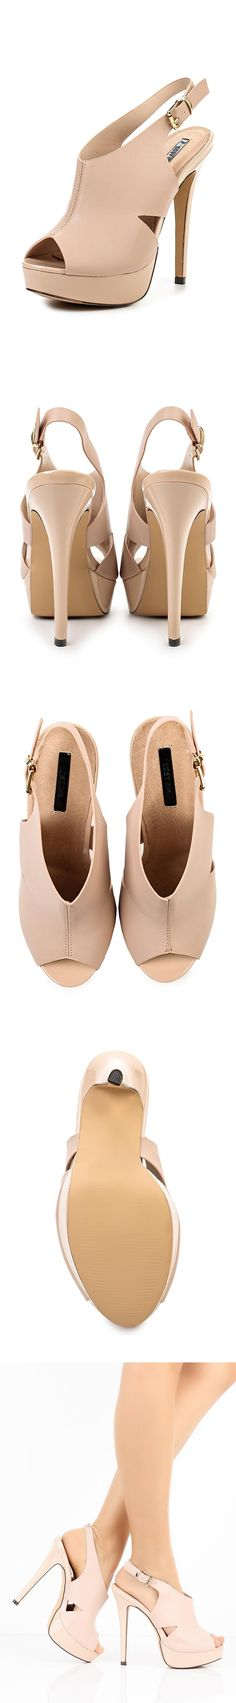 Женская обувь босоножки LOST INK за 1050.00 руб.